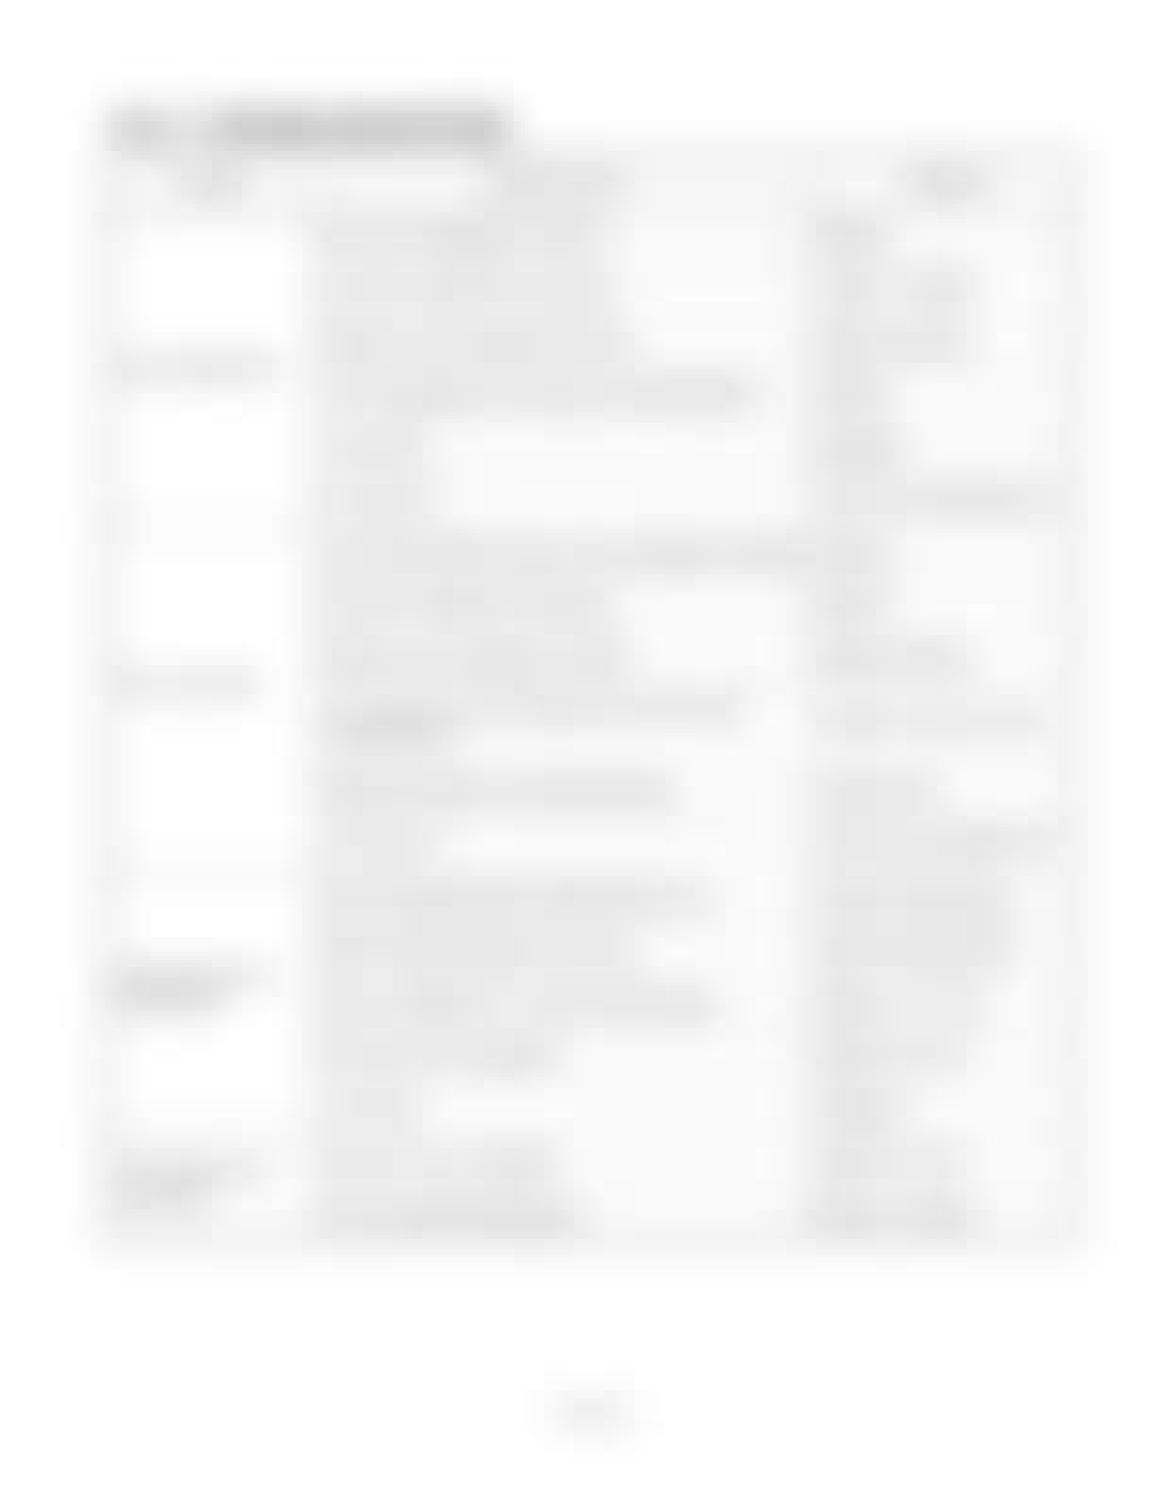 Hitachi LX110-7 LX130-7 LX160-7 LX190-7 LX230-7 Wheel Loader Workshop Manual - PDF DOWNLOAD page 251